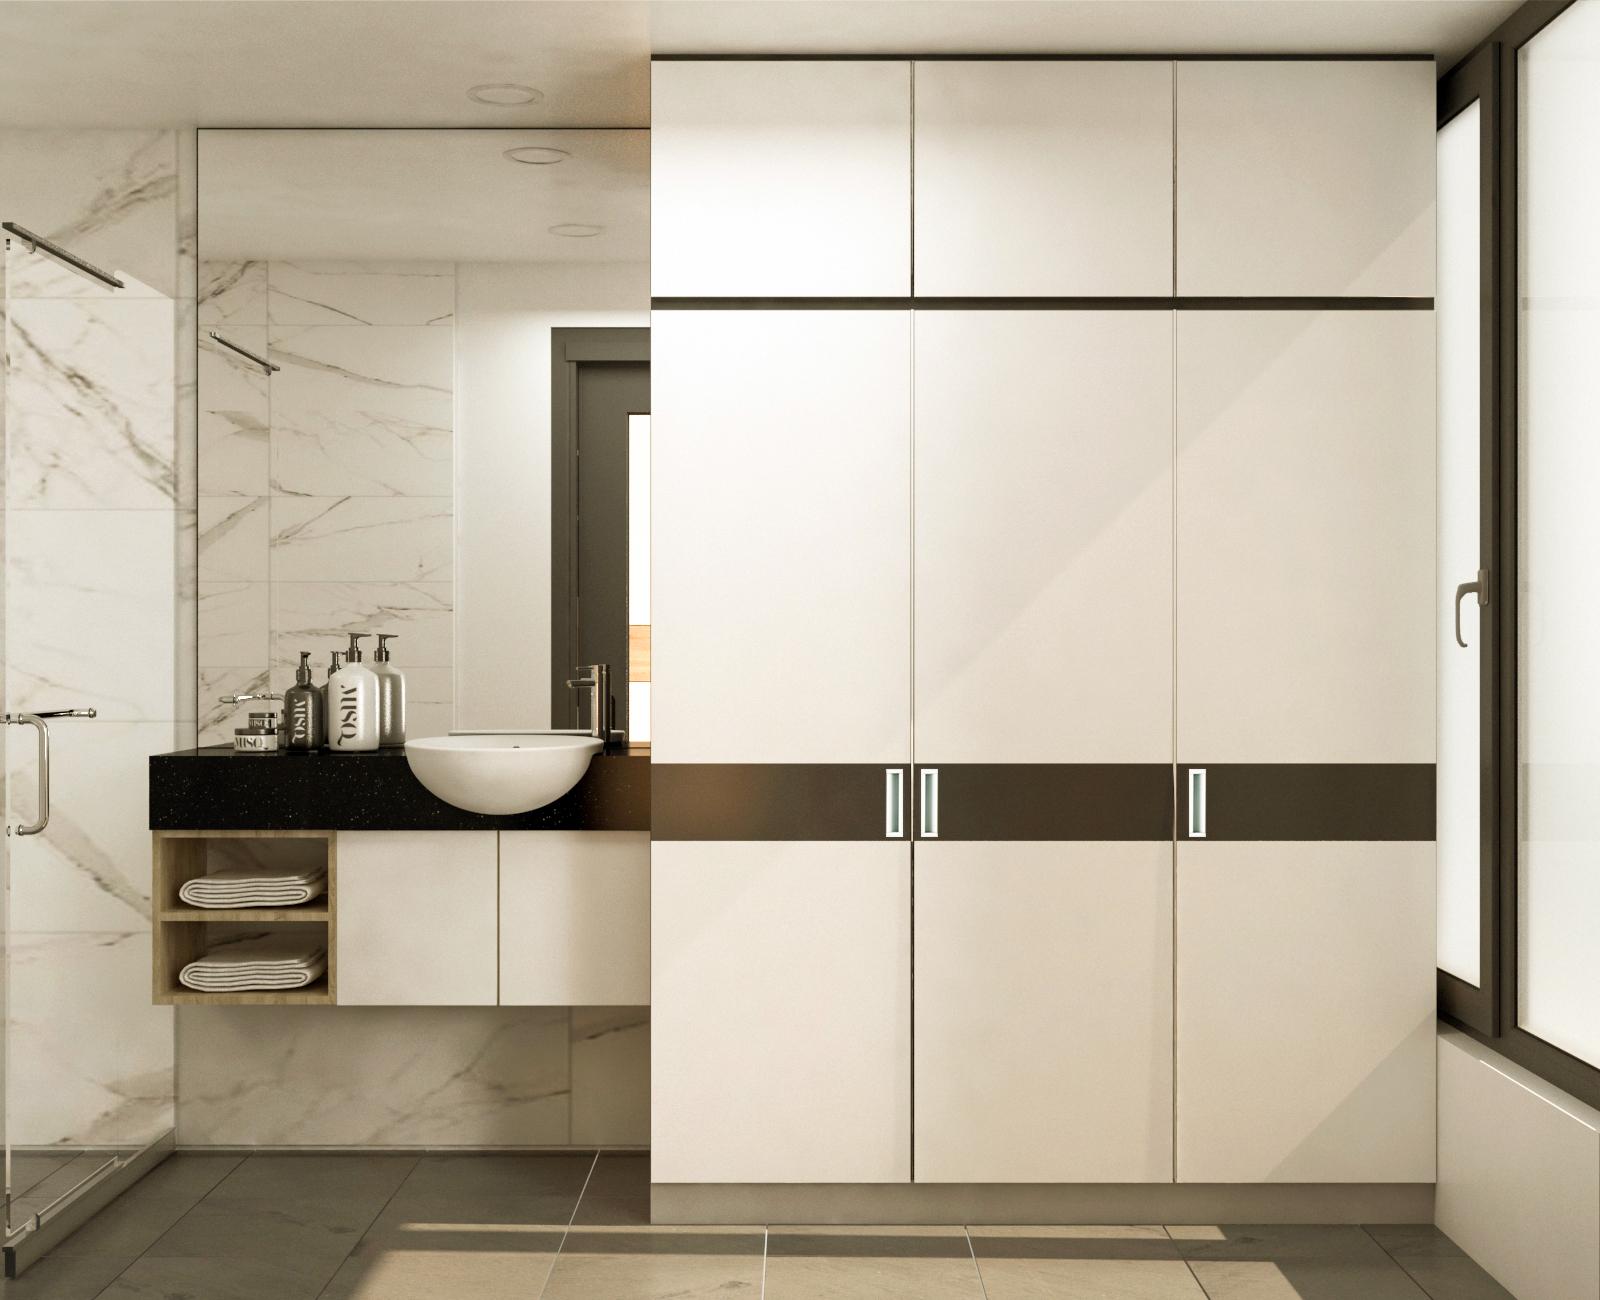 Tư vấn thiết kế cải tạo căn hộ chung cư diện tích 79m² với tổng chi phí 140 triệu đồng - Ảnh 10.